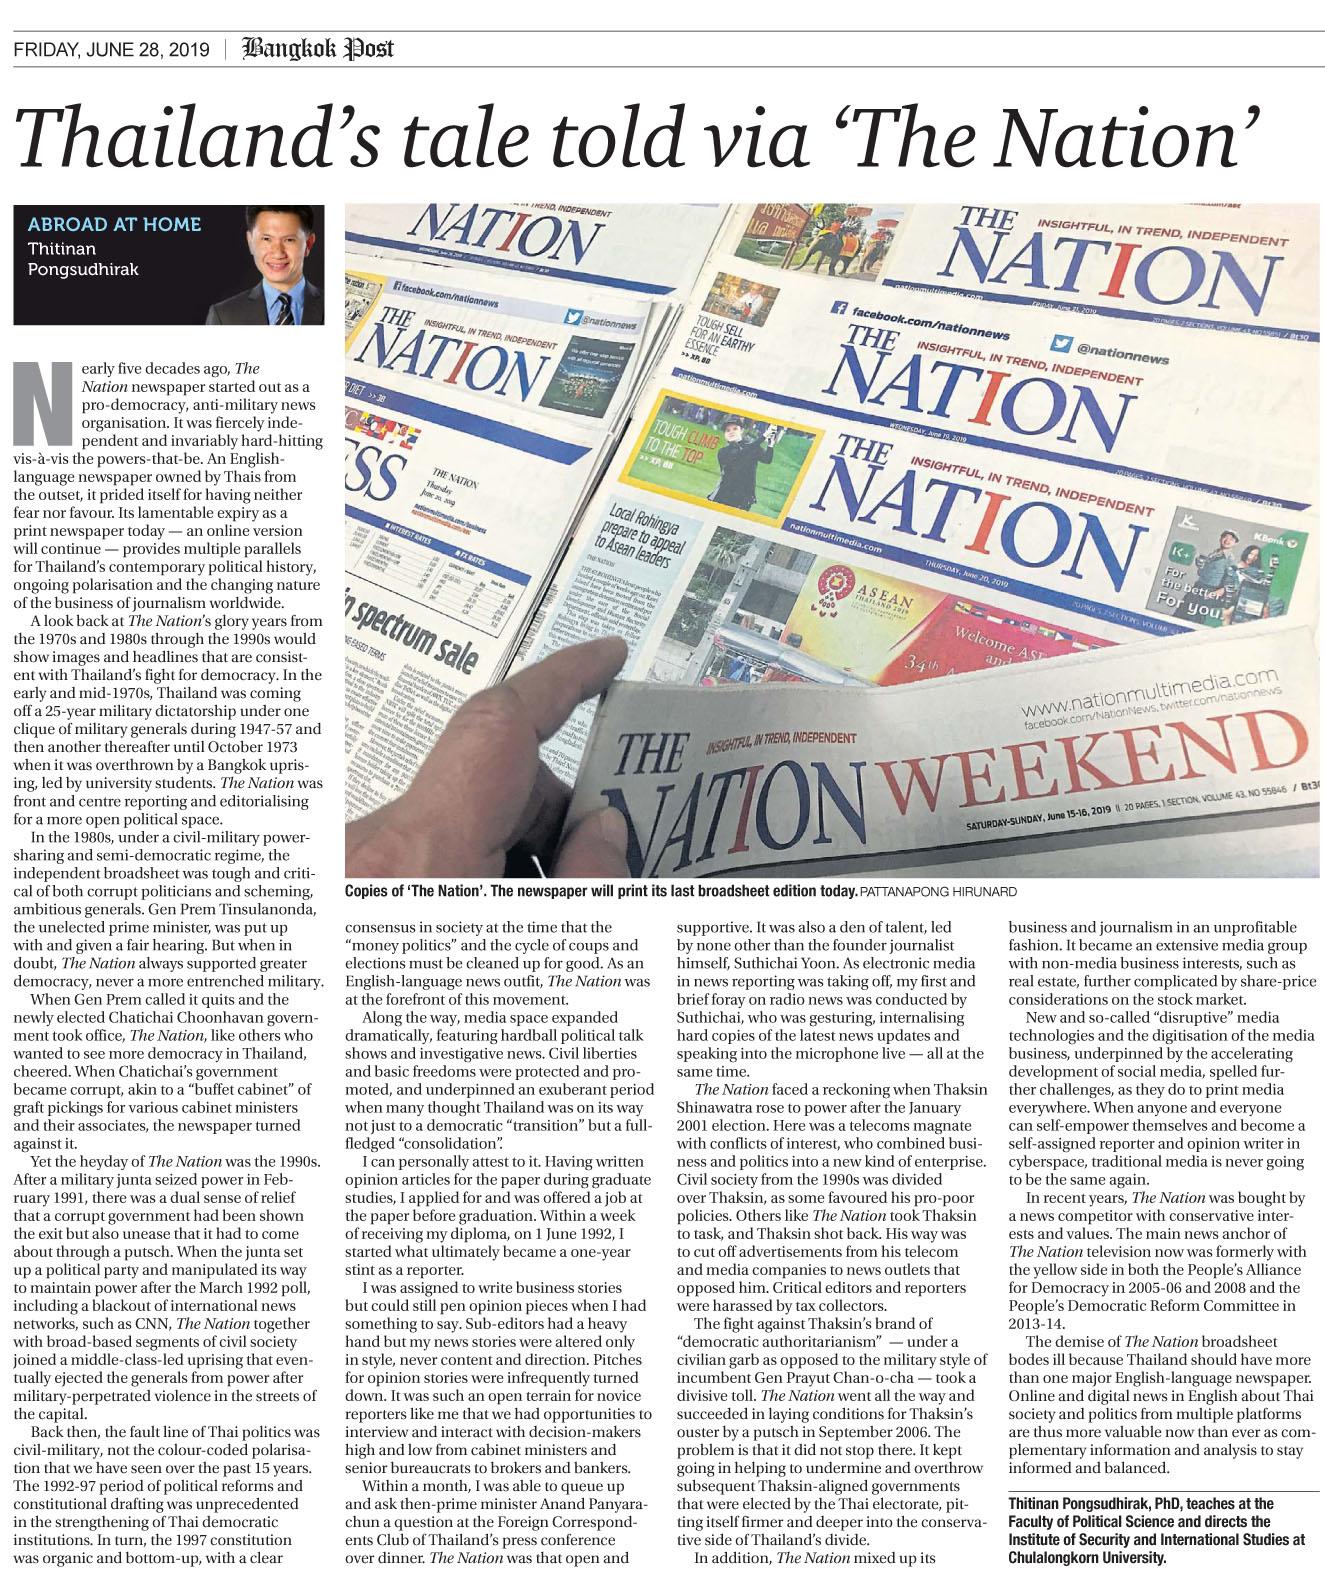 Bangkok Post 2019-08-28 Nation Farewell.jpg